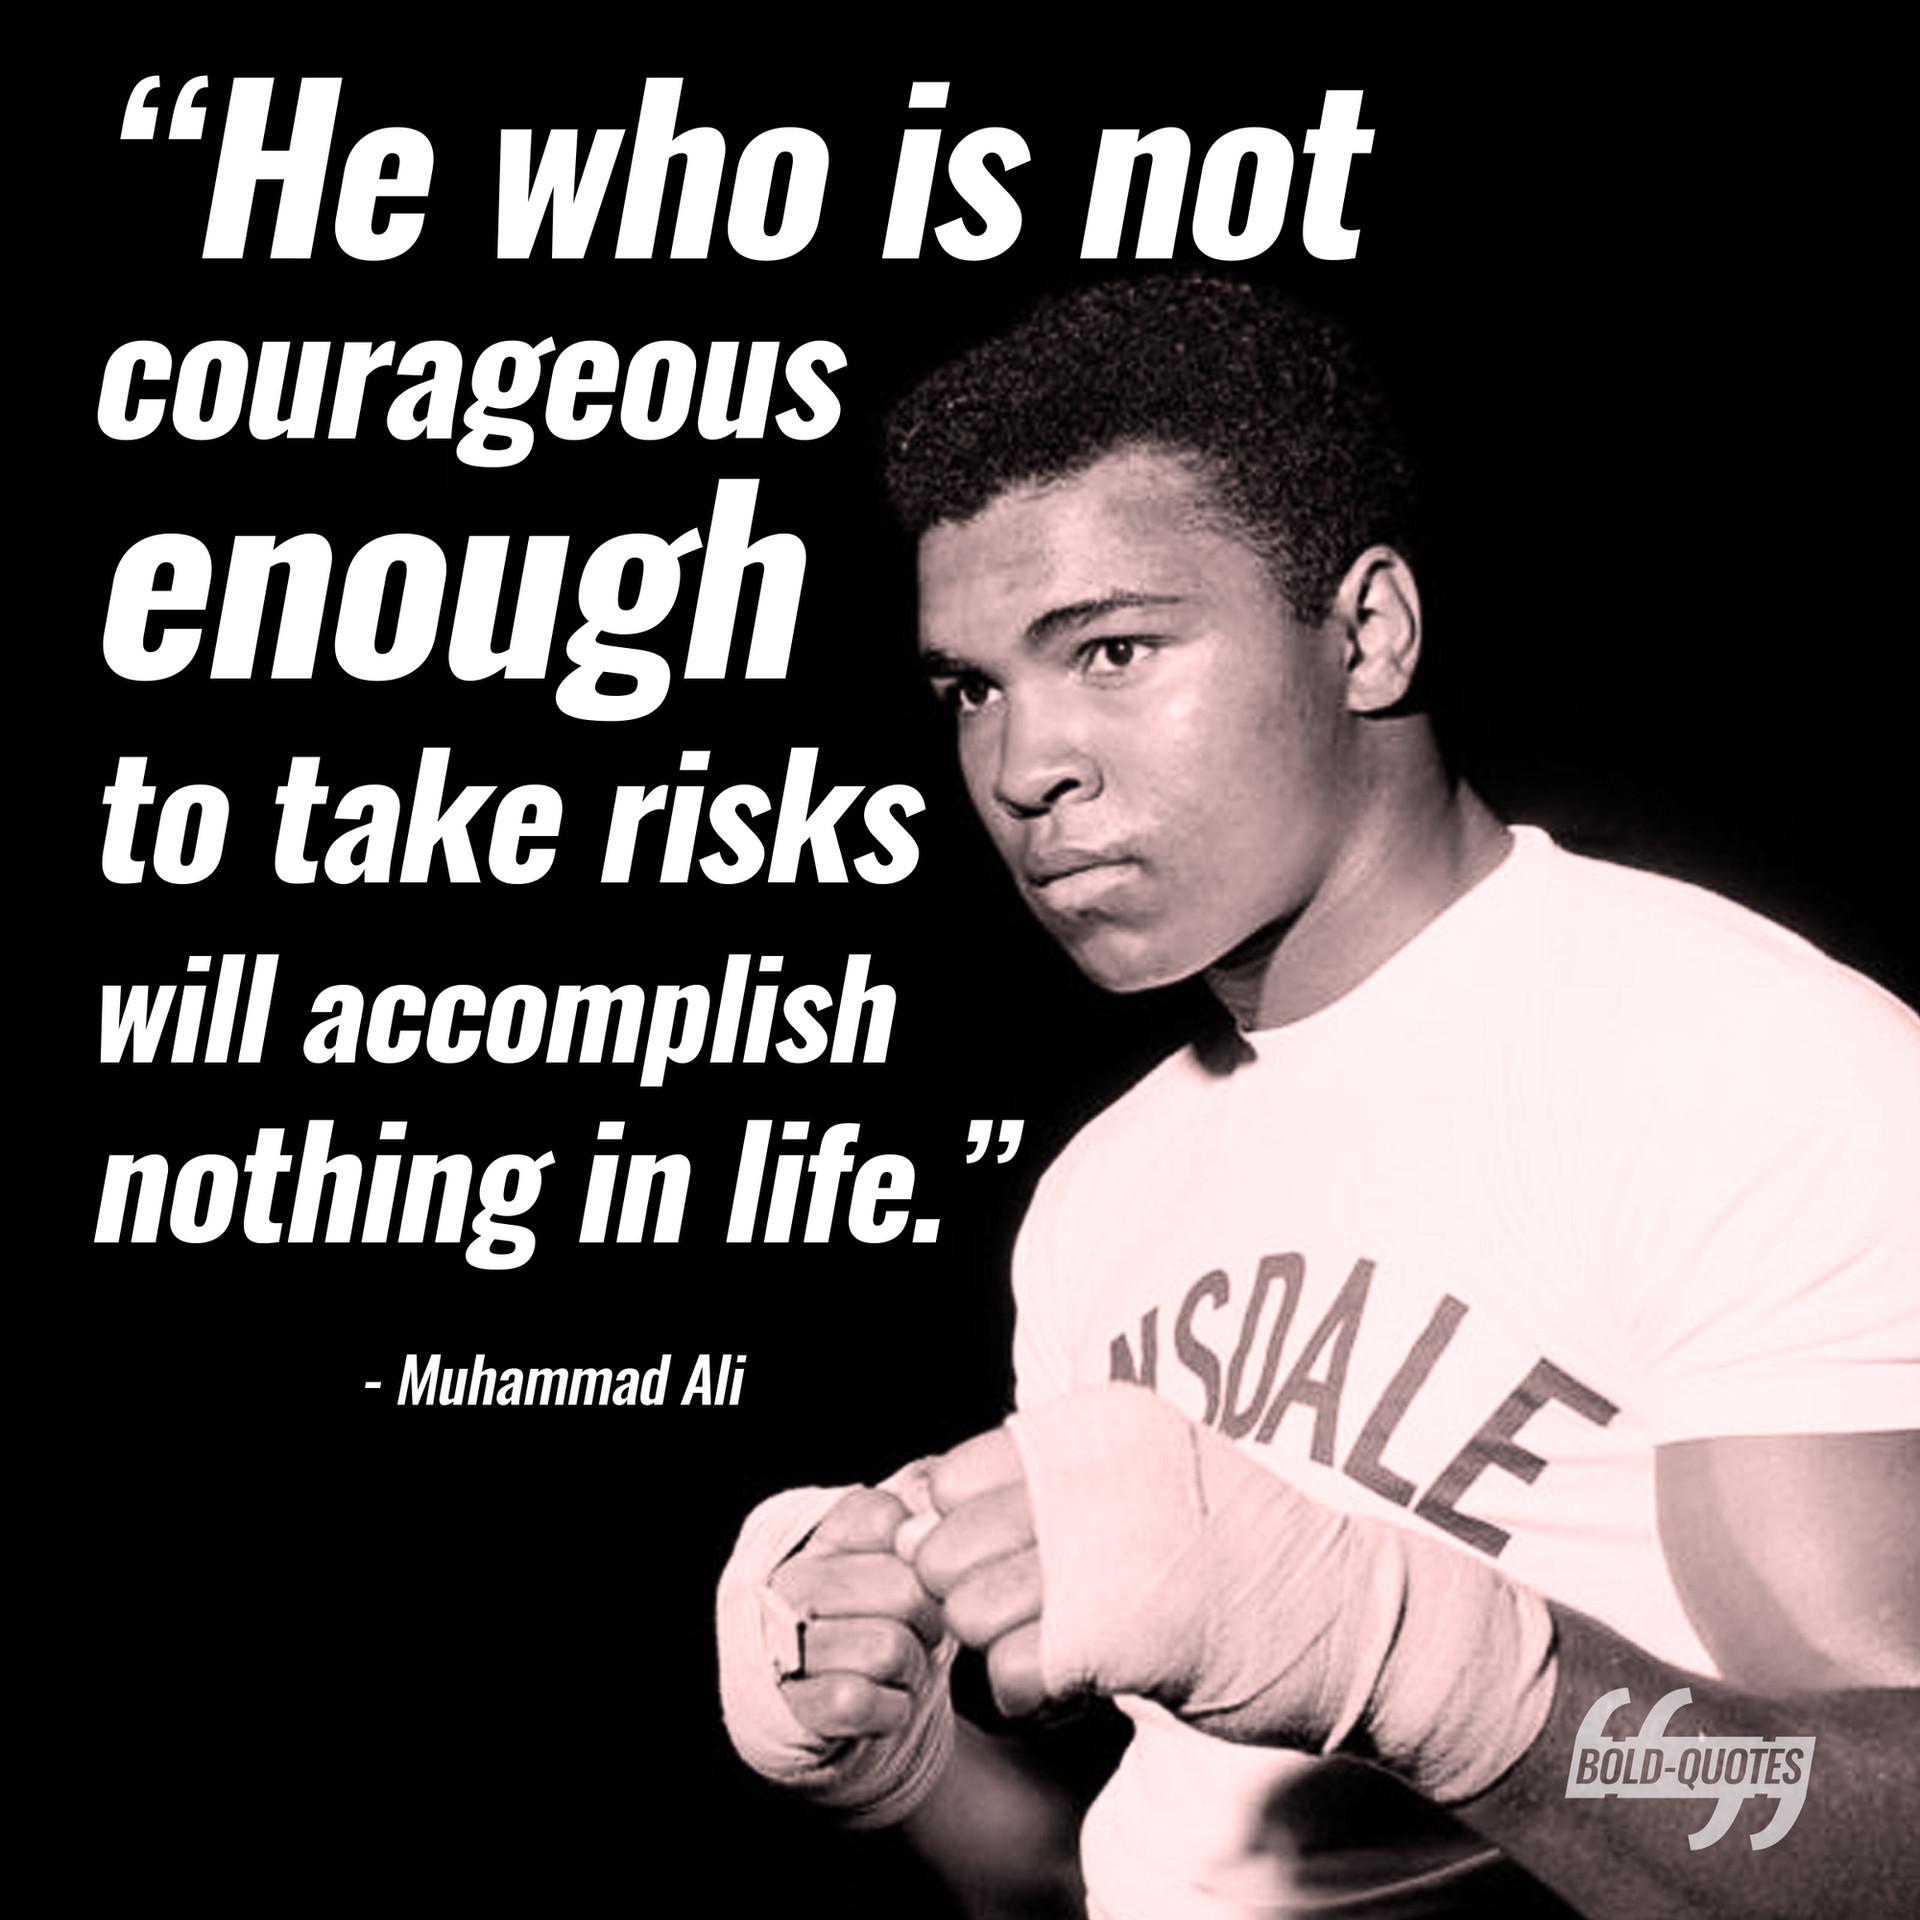 Bold Quotes - Muhammed Ali.jpg